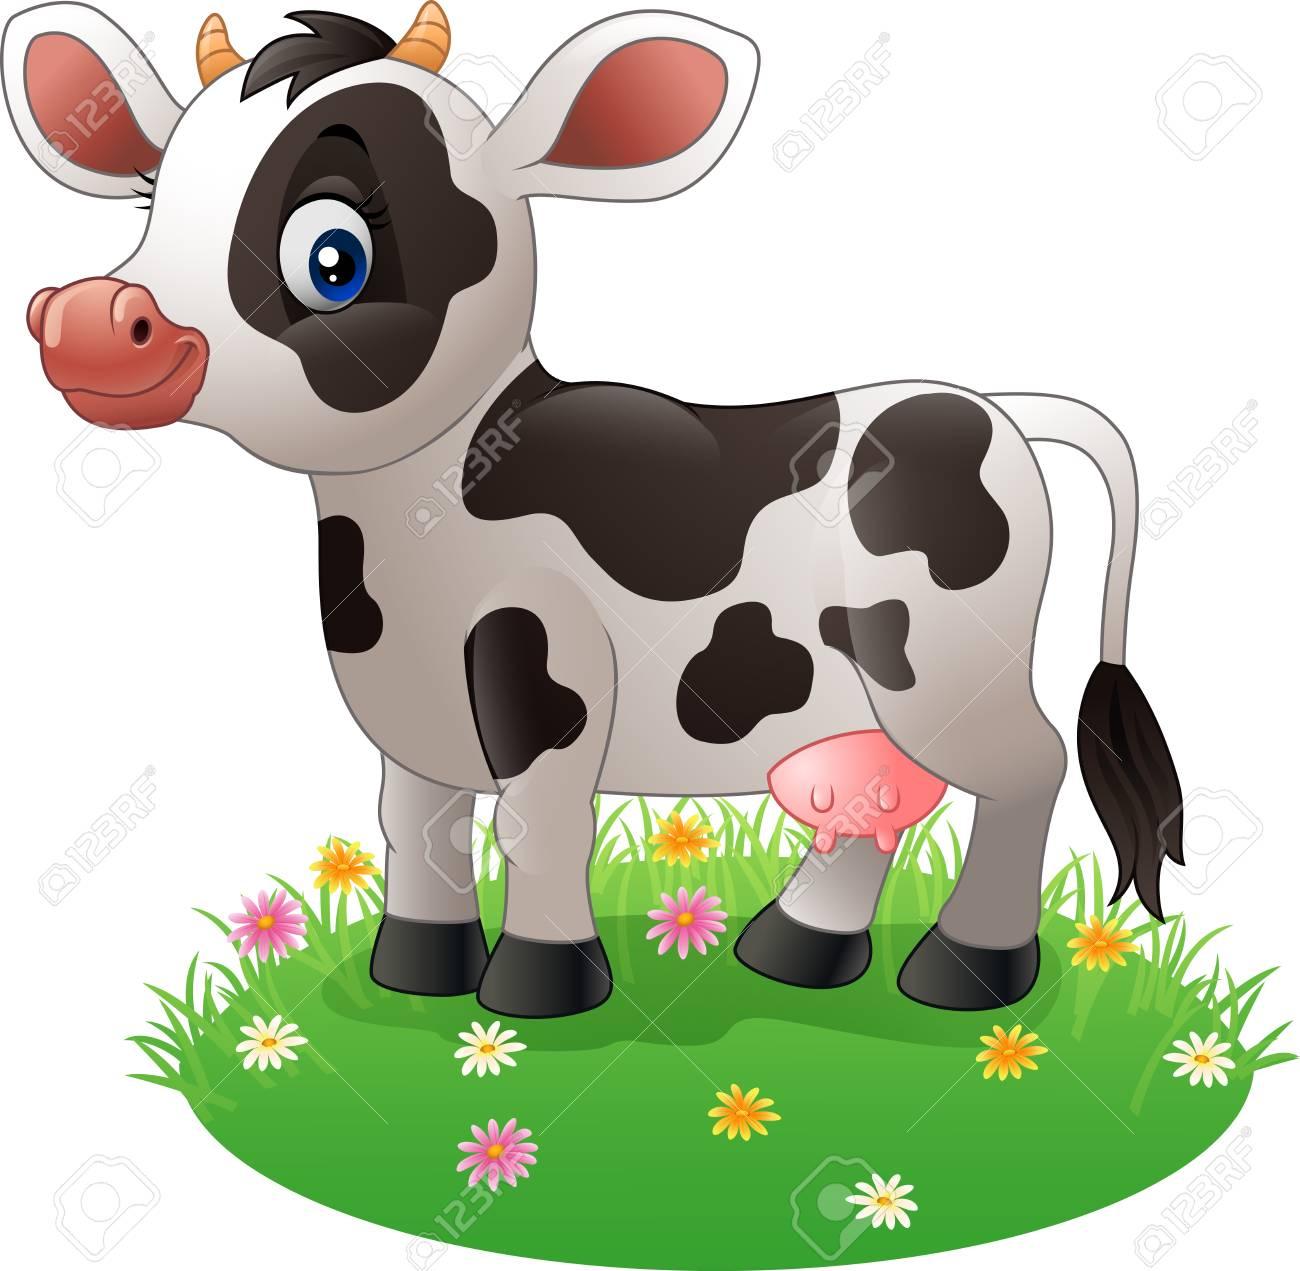 Ilustración Vectorial De Dibujos Animados De La Vaca De Pie En La